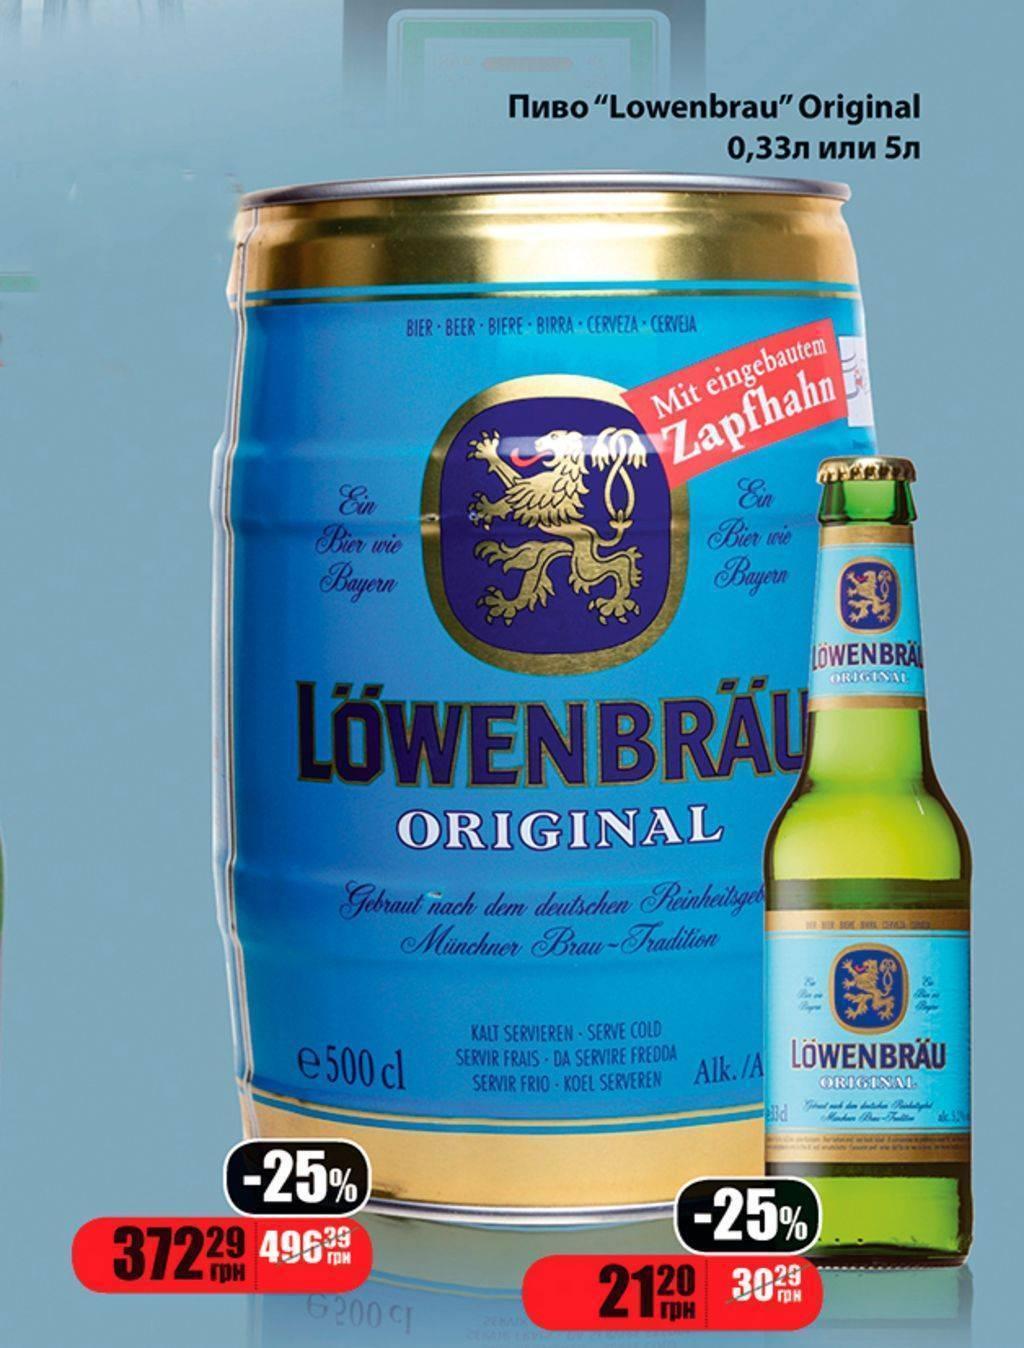 Пиво budweiser (будвайзер): особенности вкуса и технологии, обзор линейки американского и чешского бренда